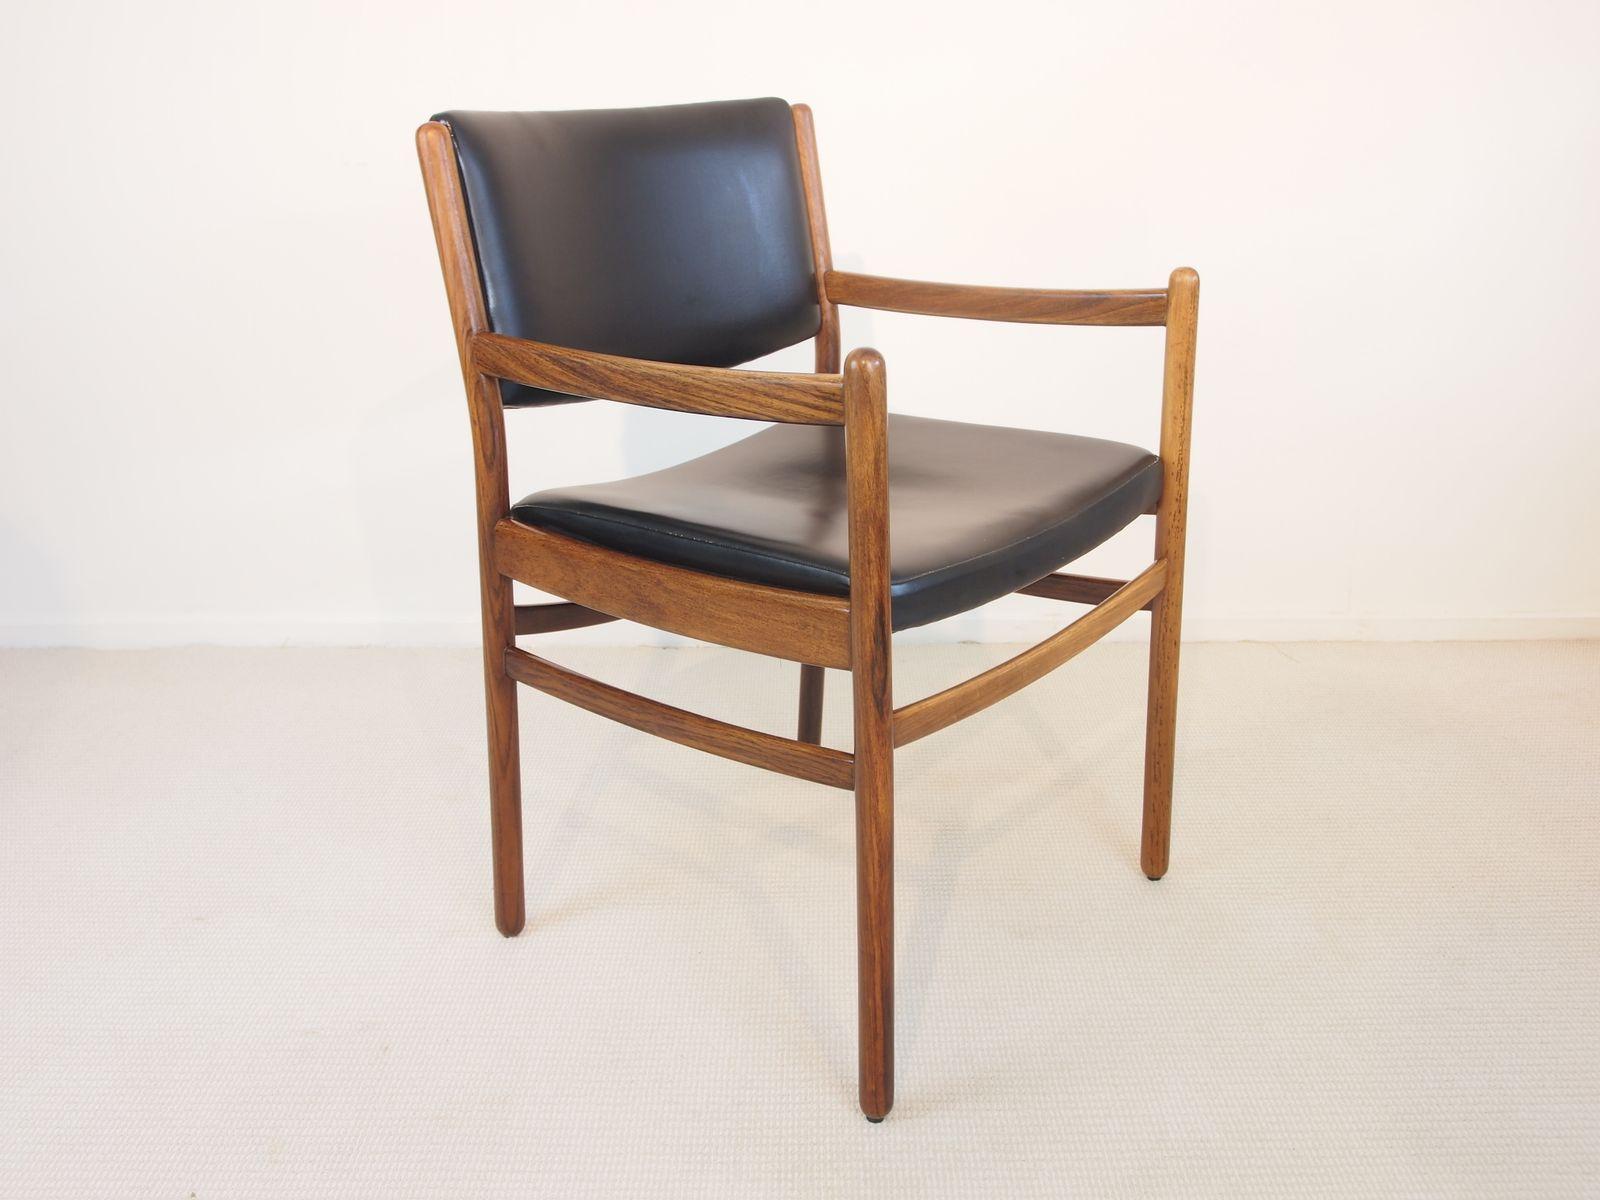 mid century stuhl aus palisander und schwarzem kunstleder bei pamono kaufen. Black Bedroom Furniture Sets. Home Design Ideas